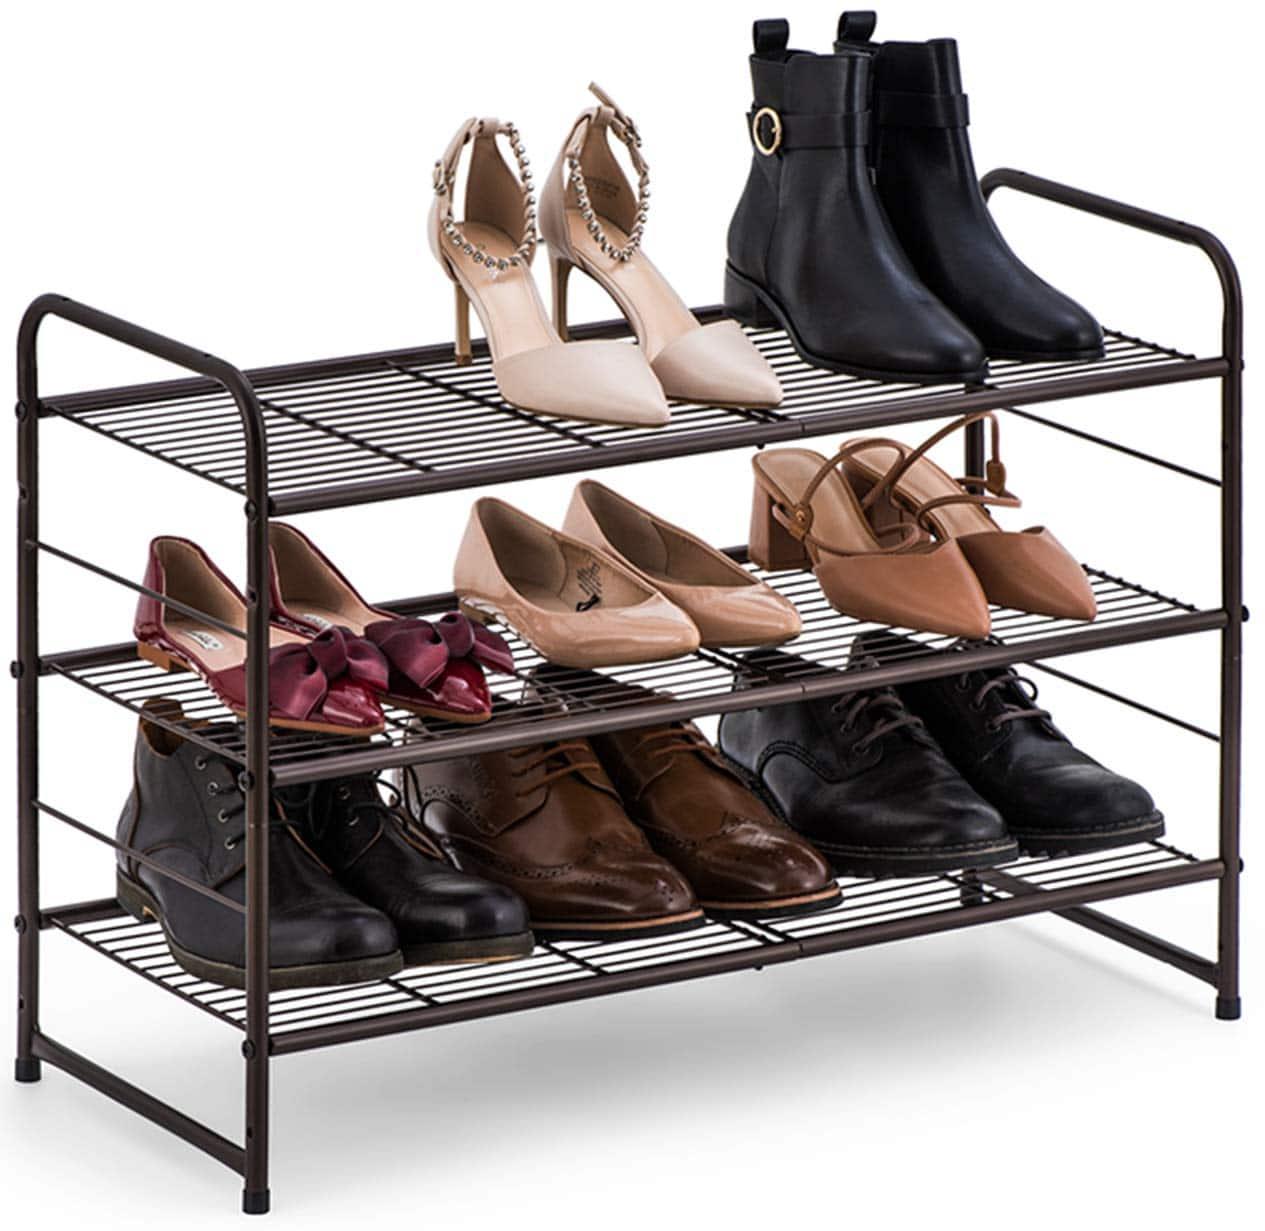 Bextsware 3-tier Shoe Organizer Rack Stand